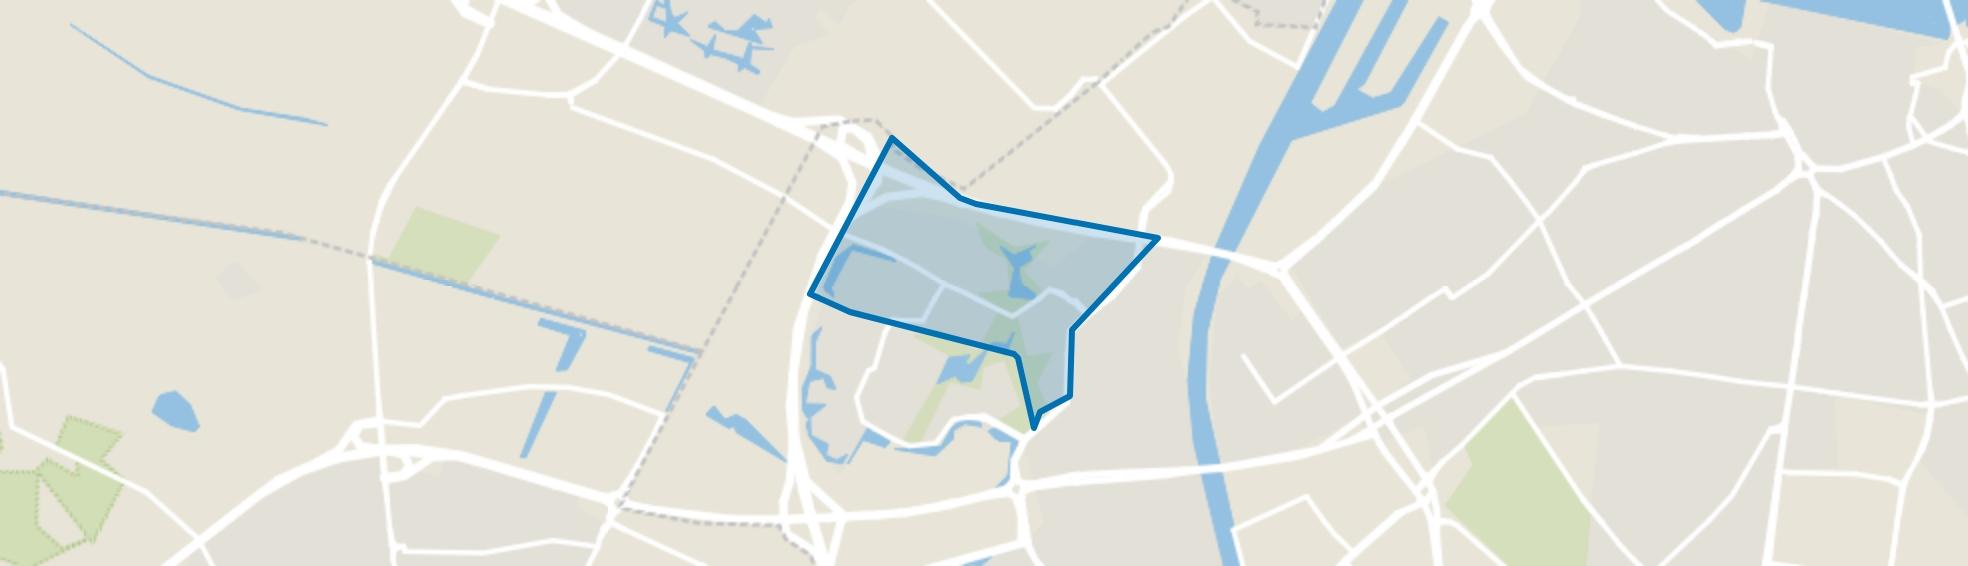 't Acker, Nijmegen map